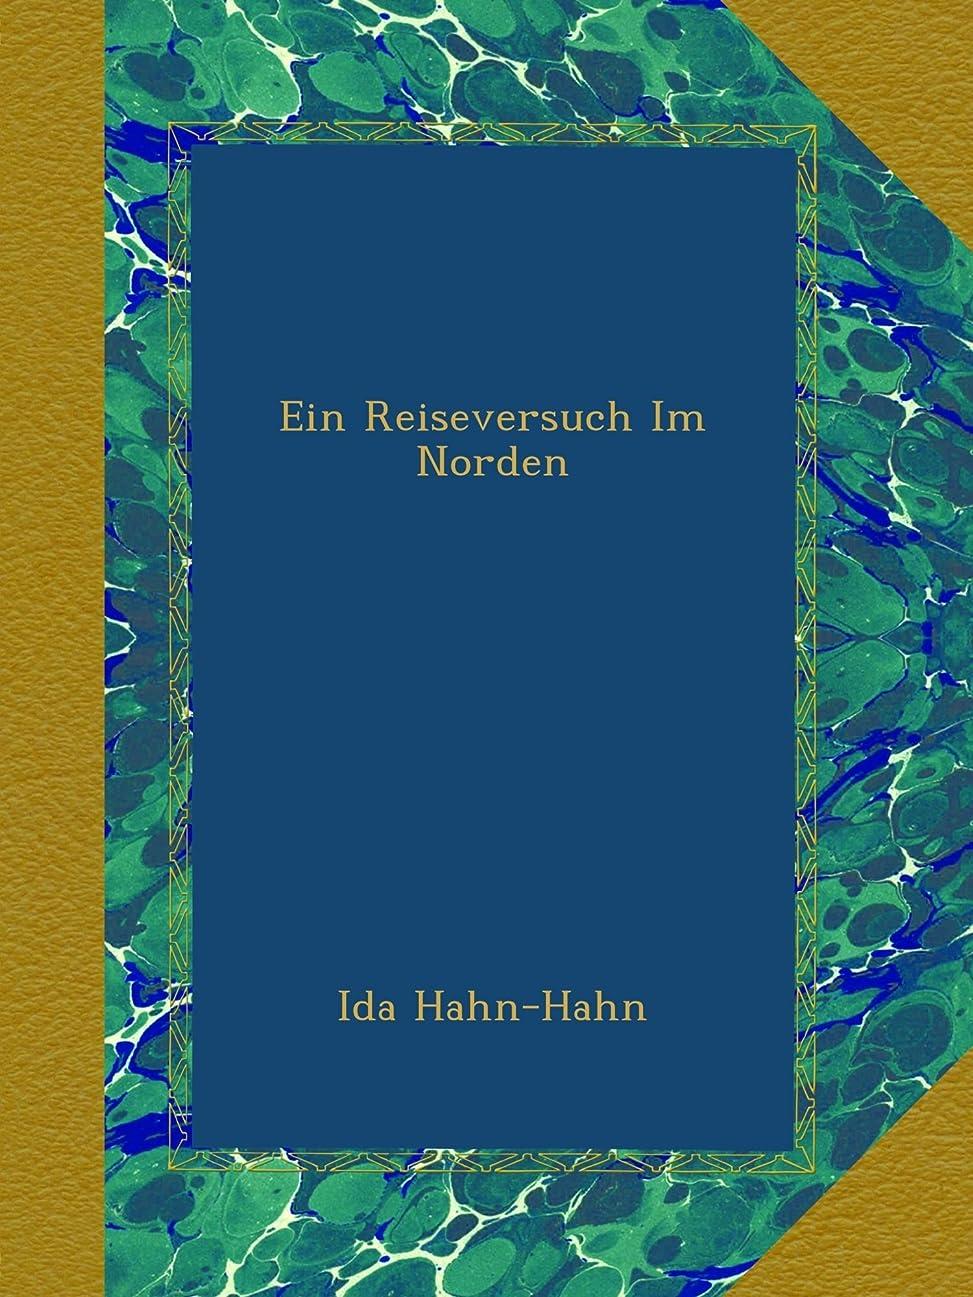 注文ロール一般的に言えばEin Reiseversuch Im Norden